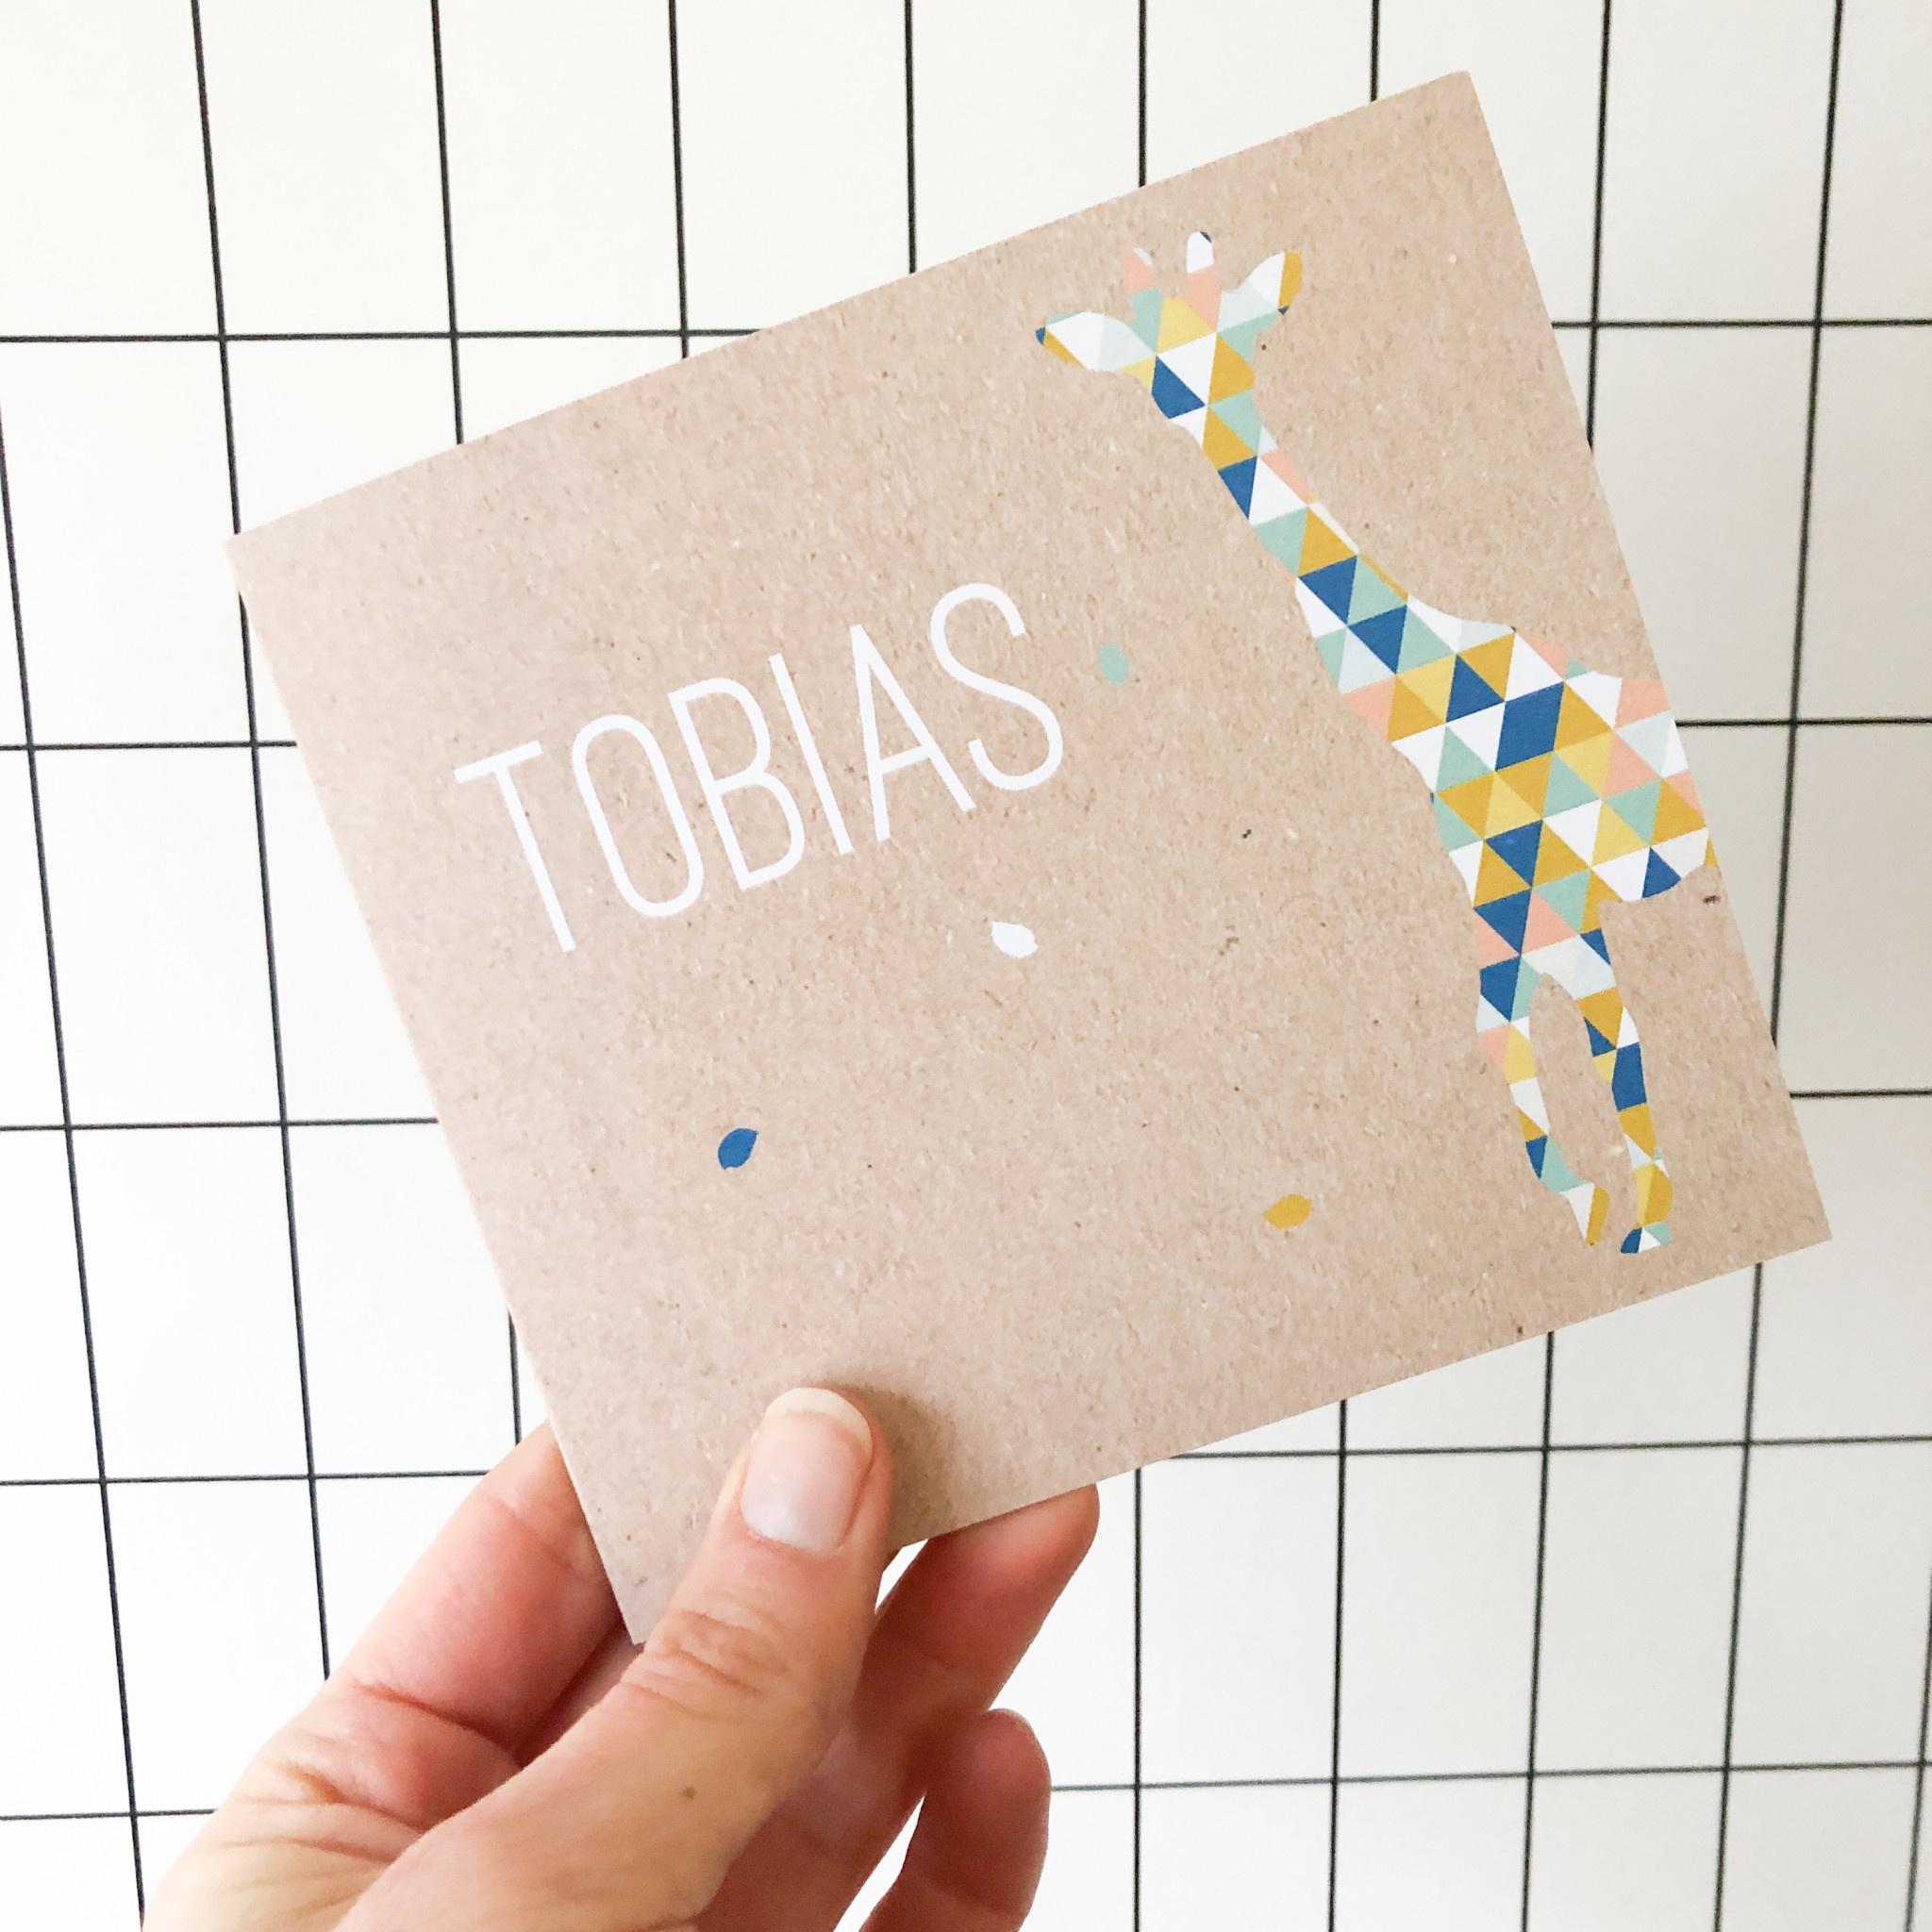 geboren_01-21 Tobias